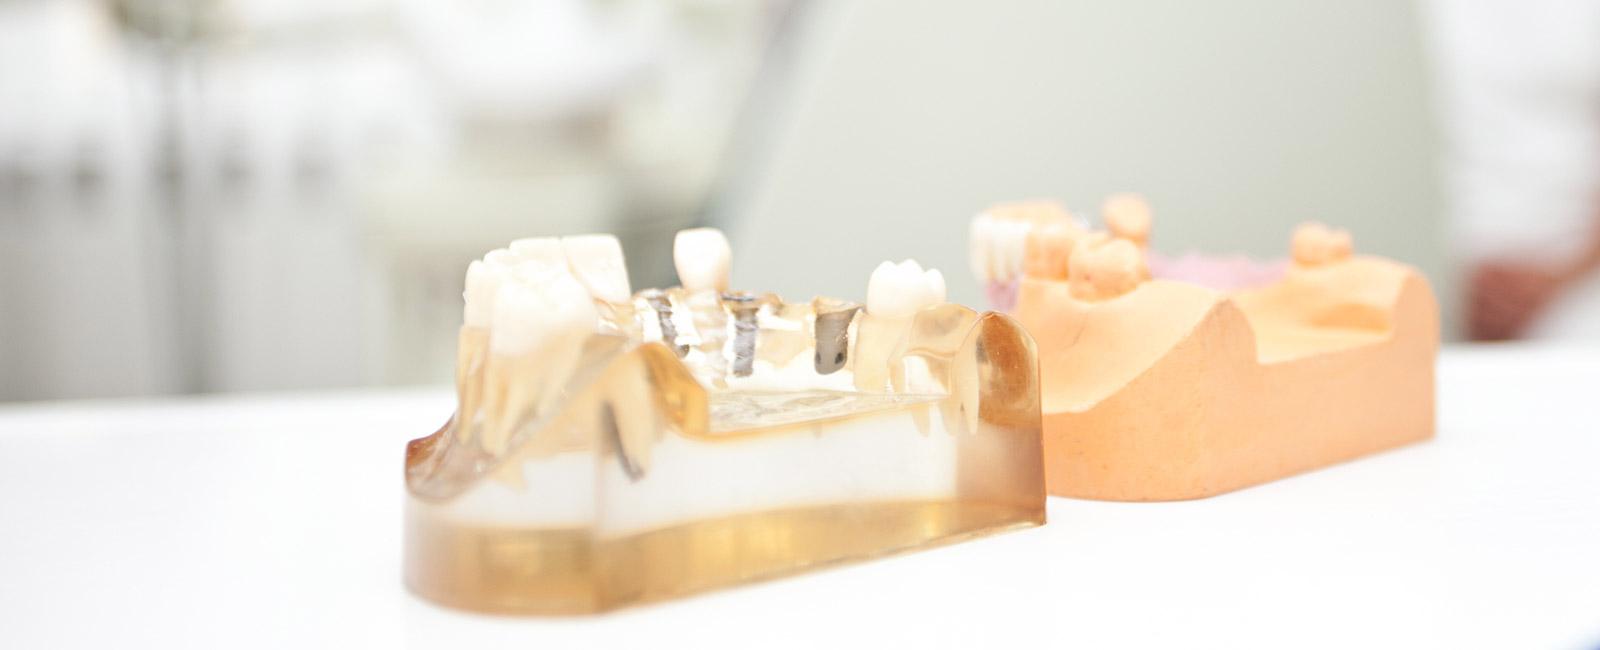 implantologie-potsdam